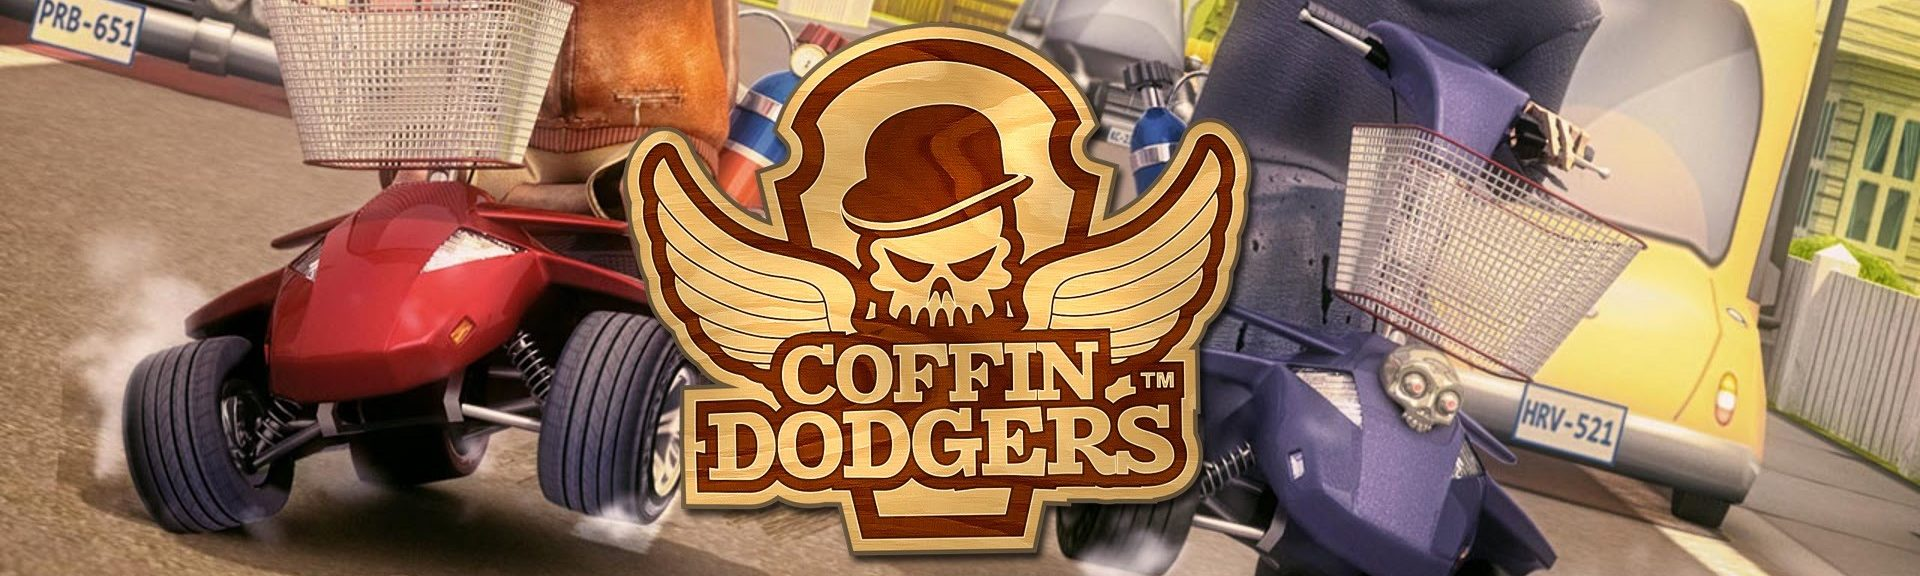 Coffin Dodgers Header